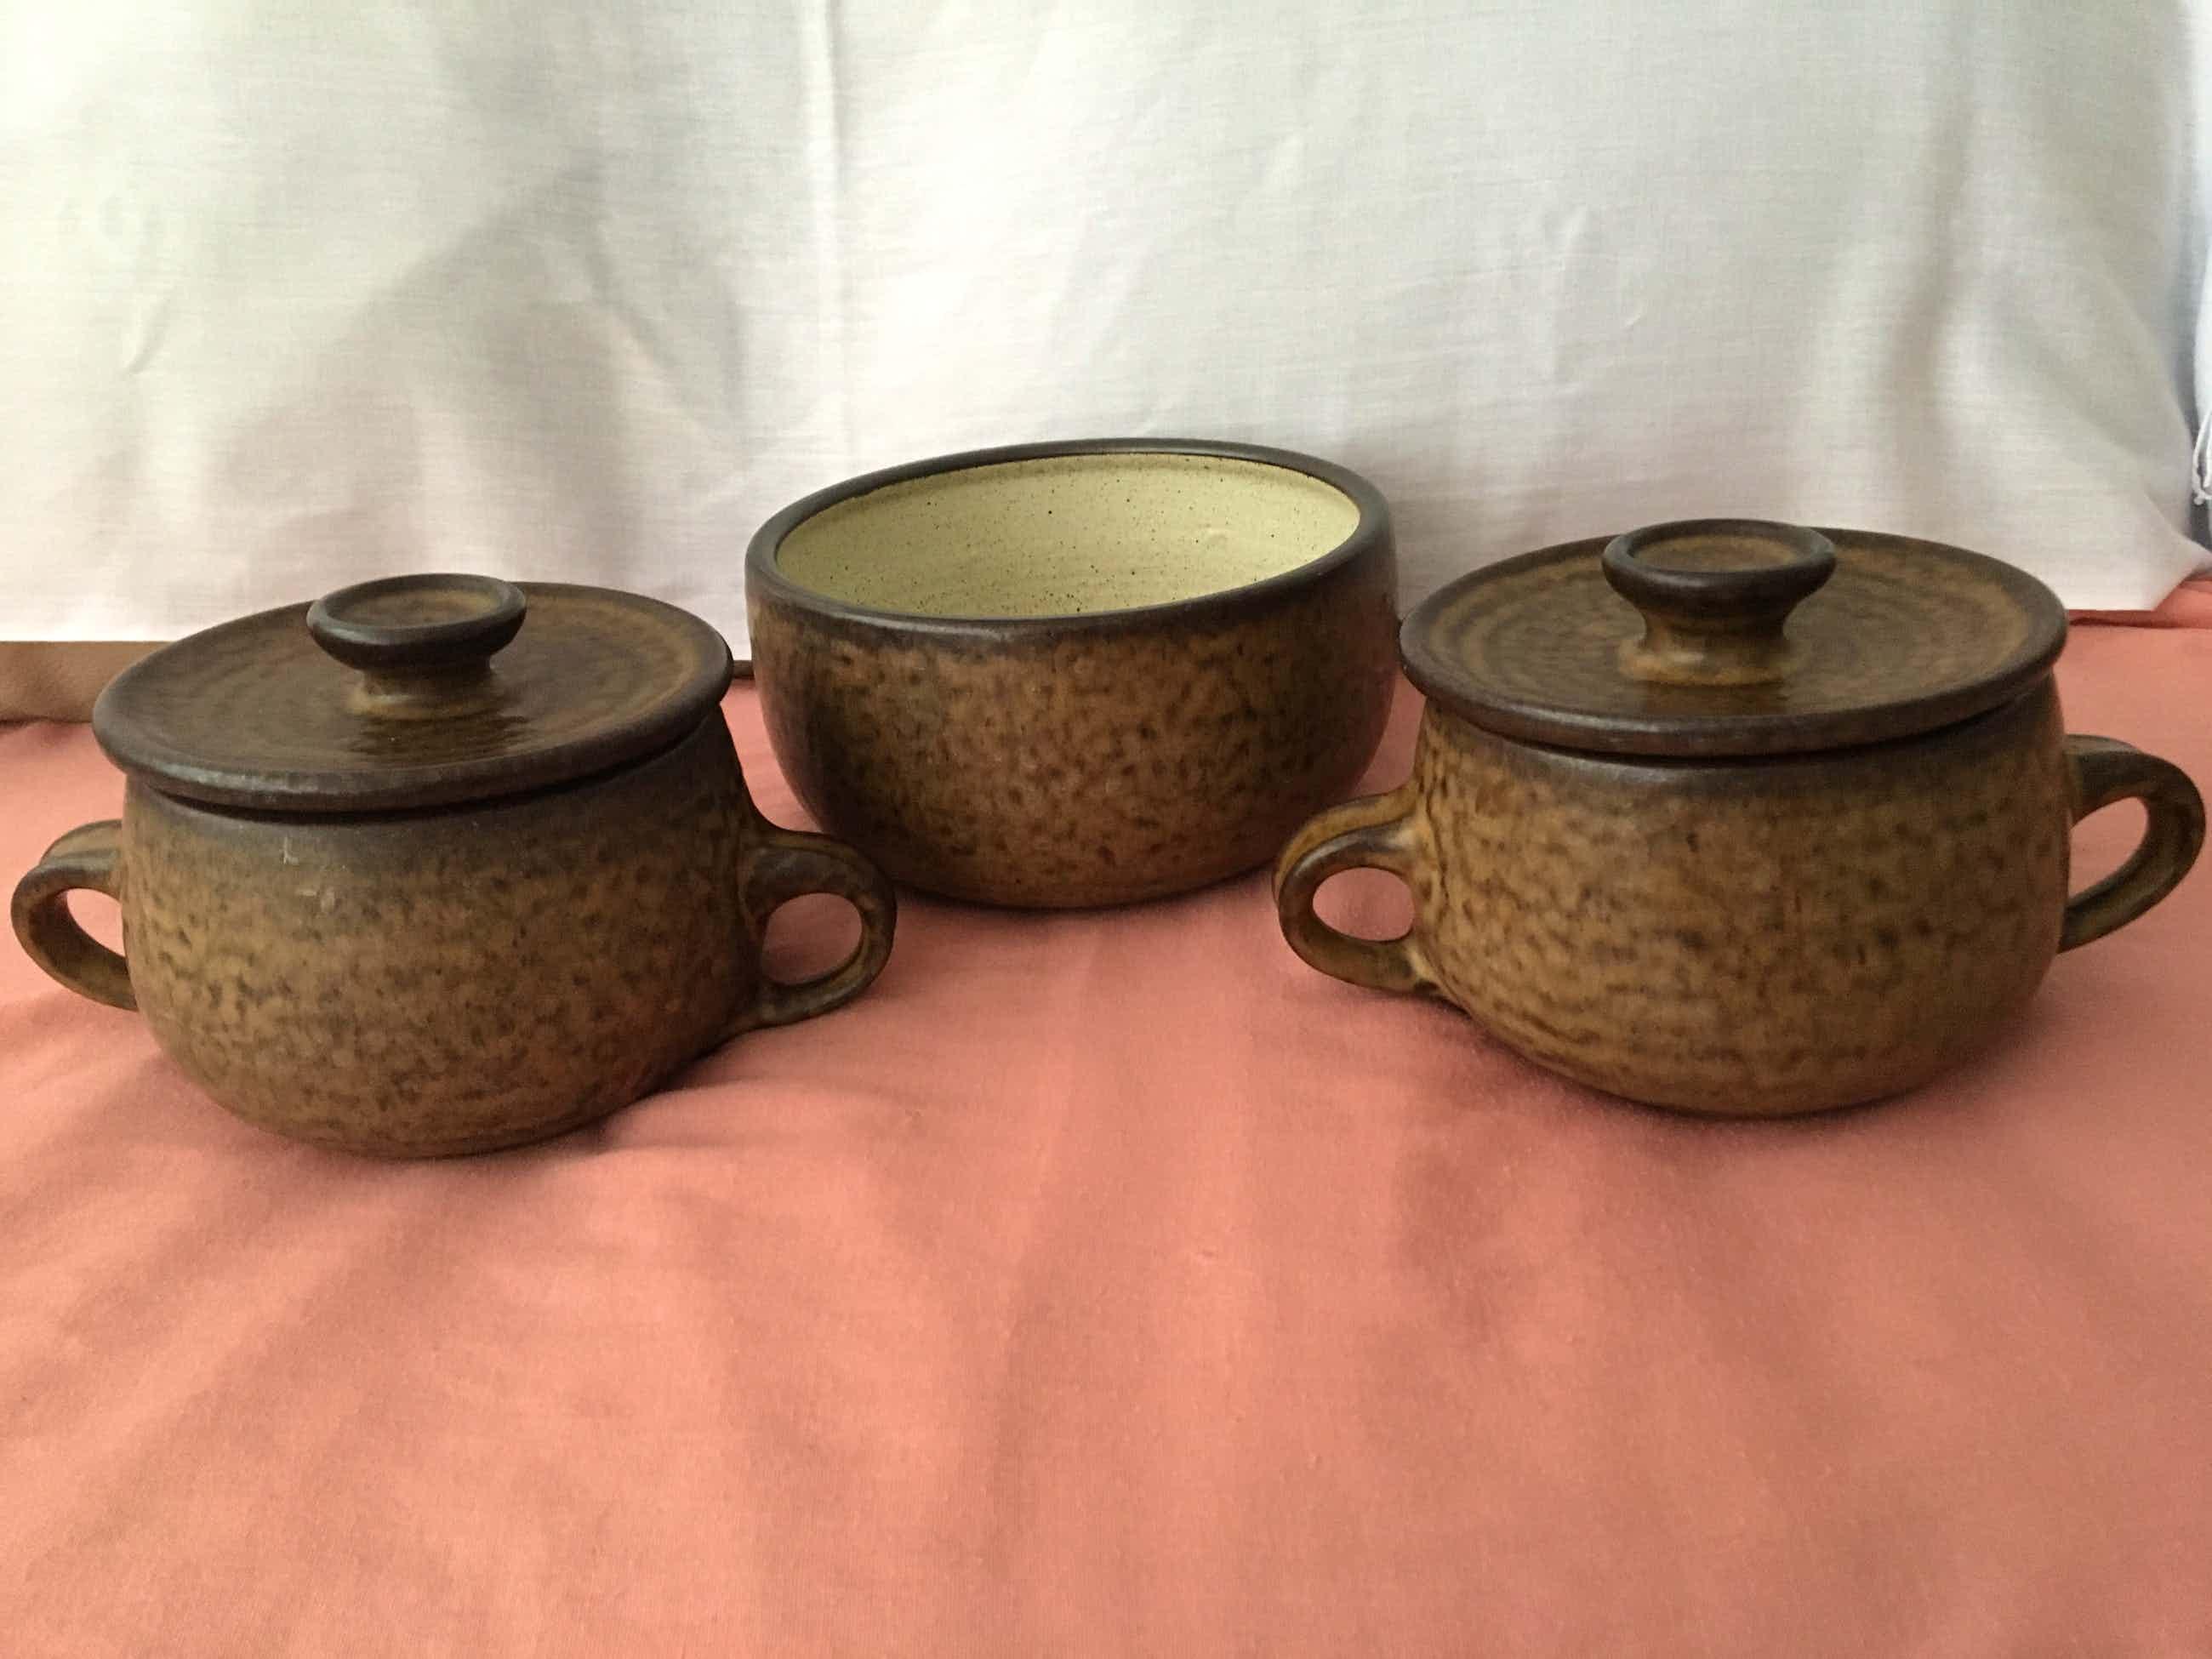 Potterij Zaalberg - Gelijke staan in Museum Boijmans! 3 delig keramiek set kopen? Bied vanaf 18!